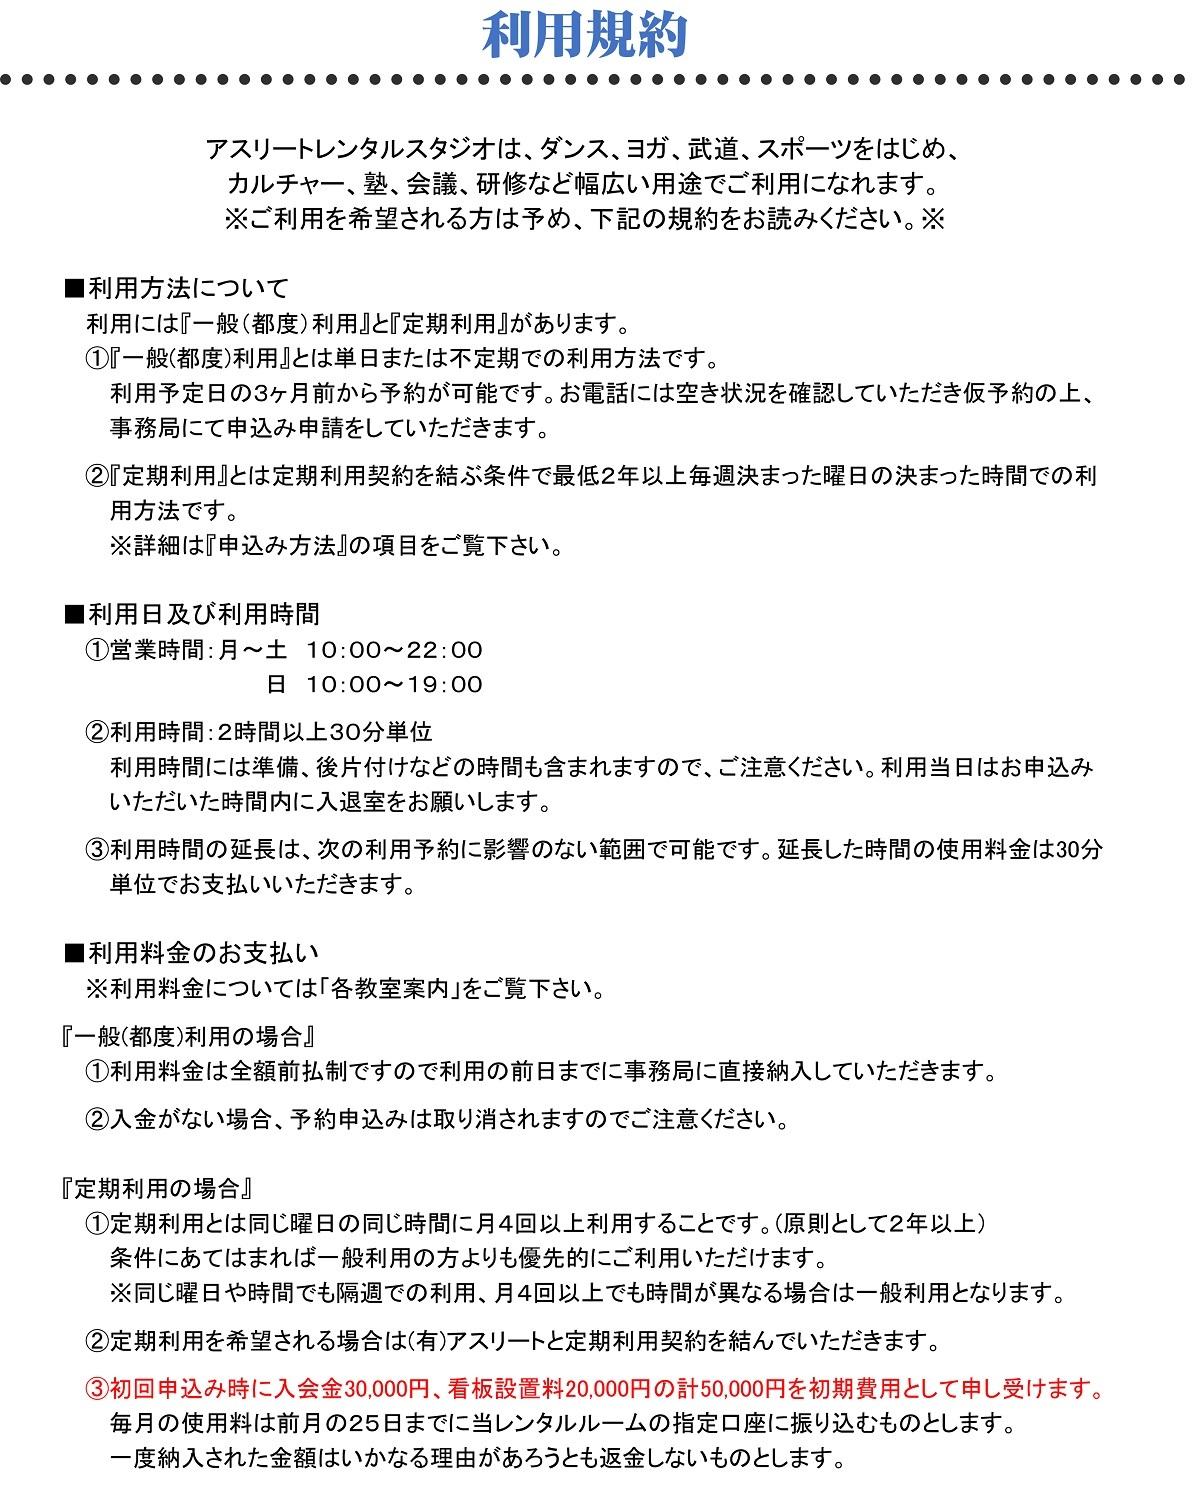 レンタルスタジオ利用冊子(規約)